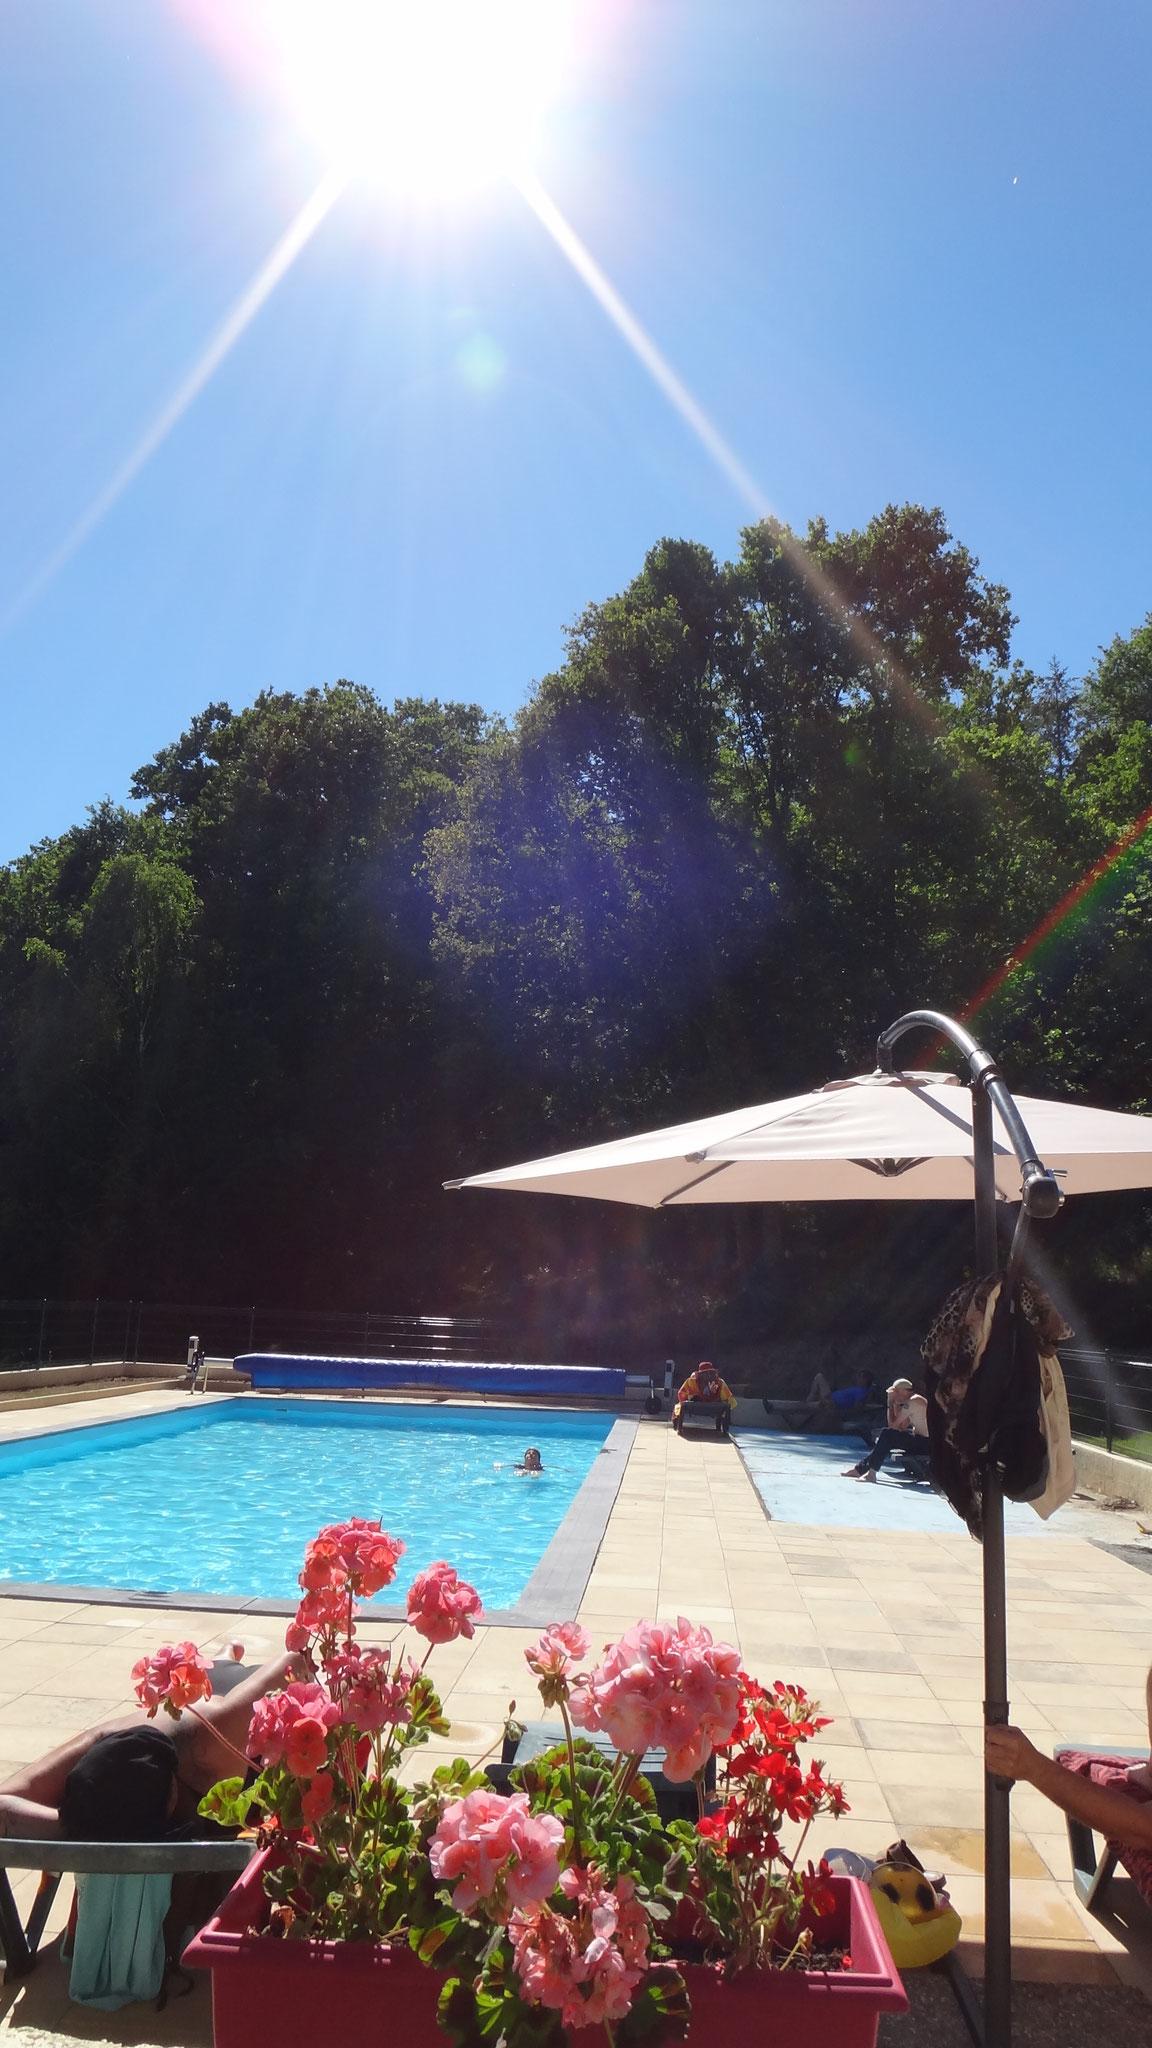 D'une profondeur de 1.35m, la piscine est adaptée aux enfants...